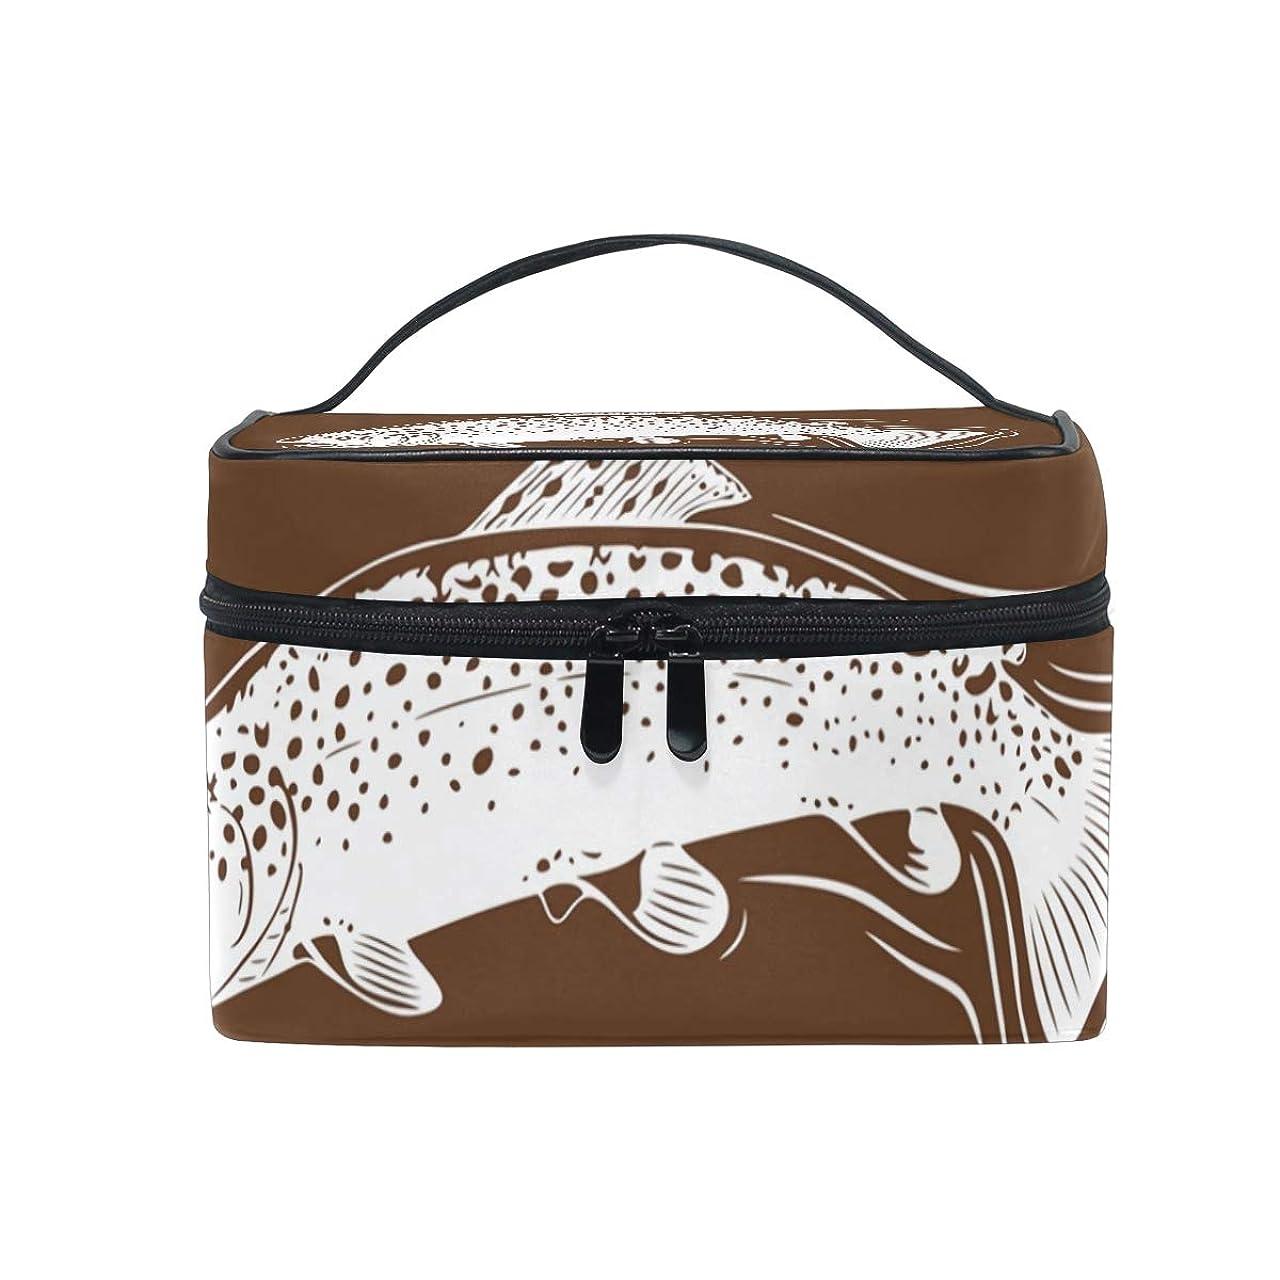 きしむかみそりブラウスメイクボックス イカ柄 化粧ポーチ 化粧品 化粧道具 小物入れ メイクブラシバッグ 大容量 旅行用 収納ケース